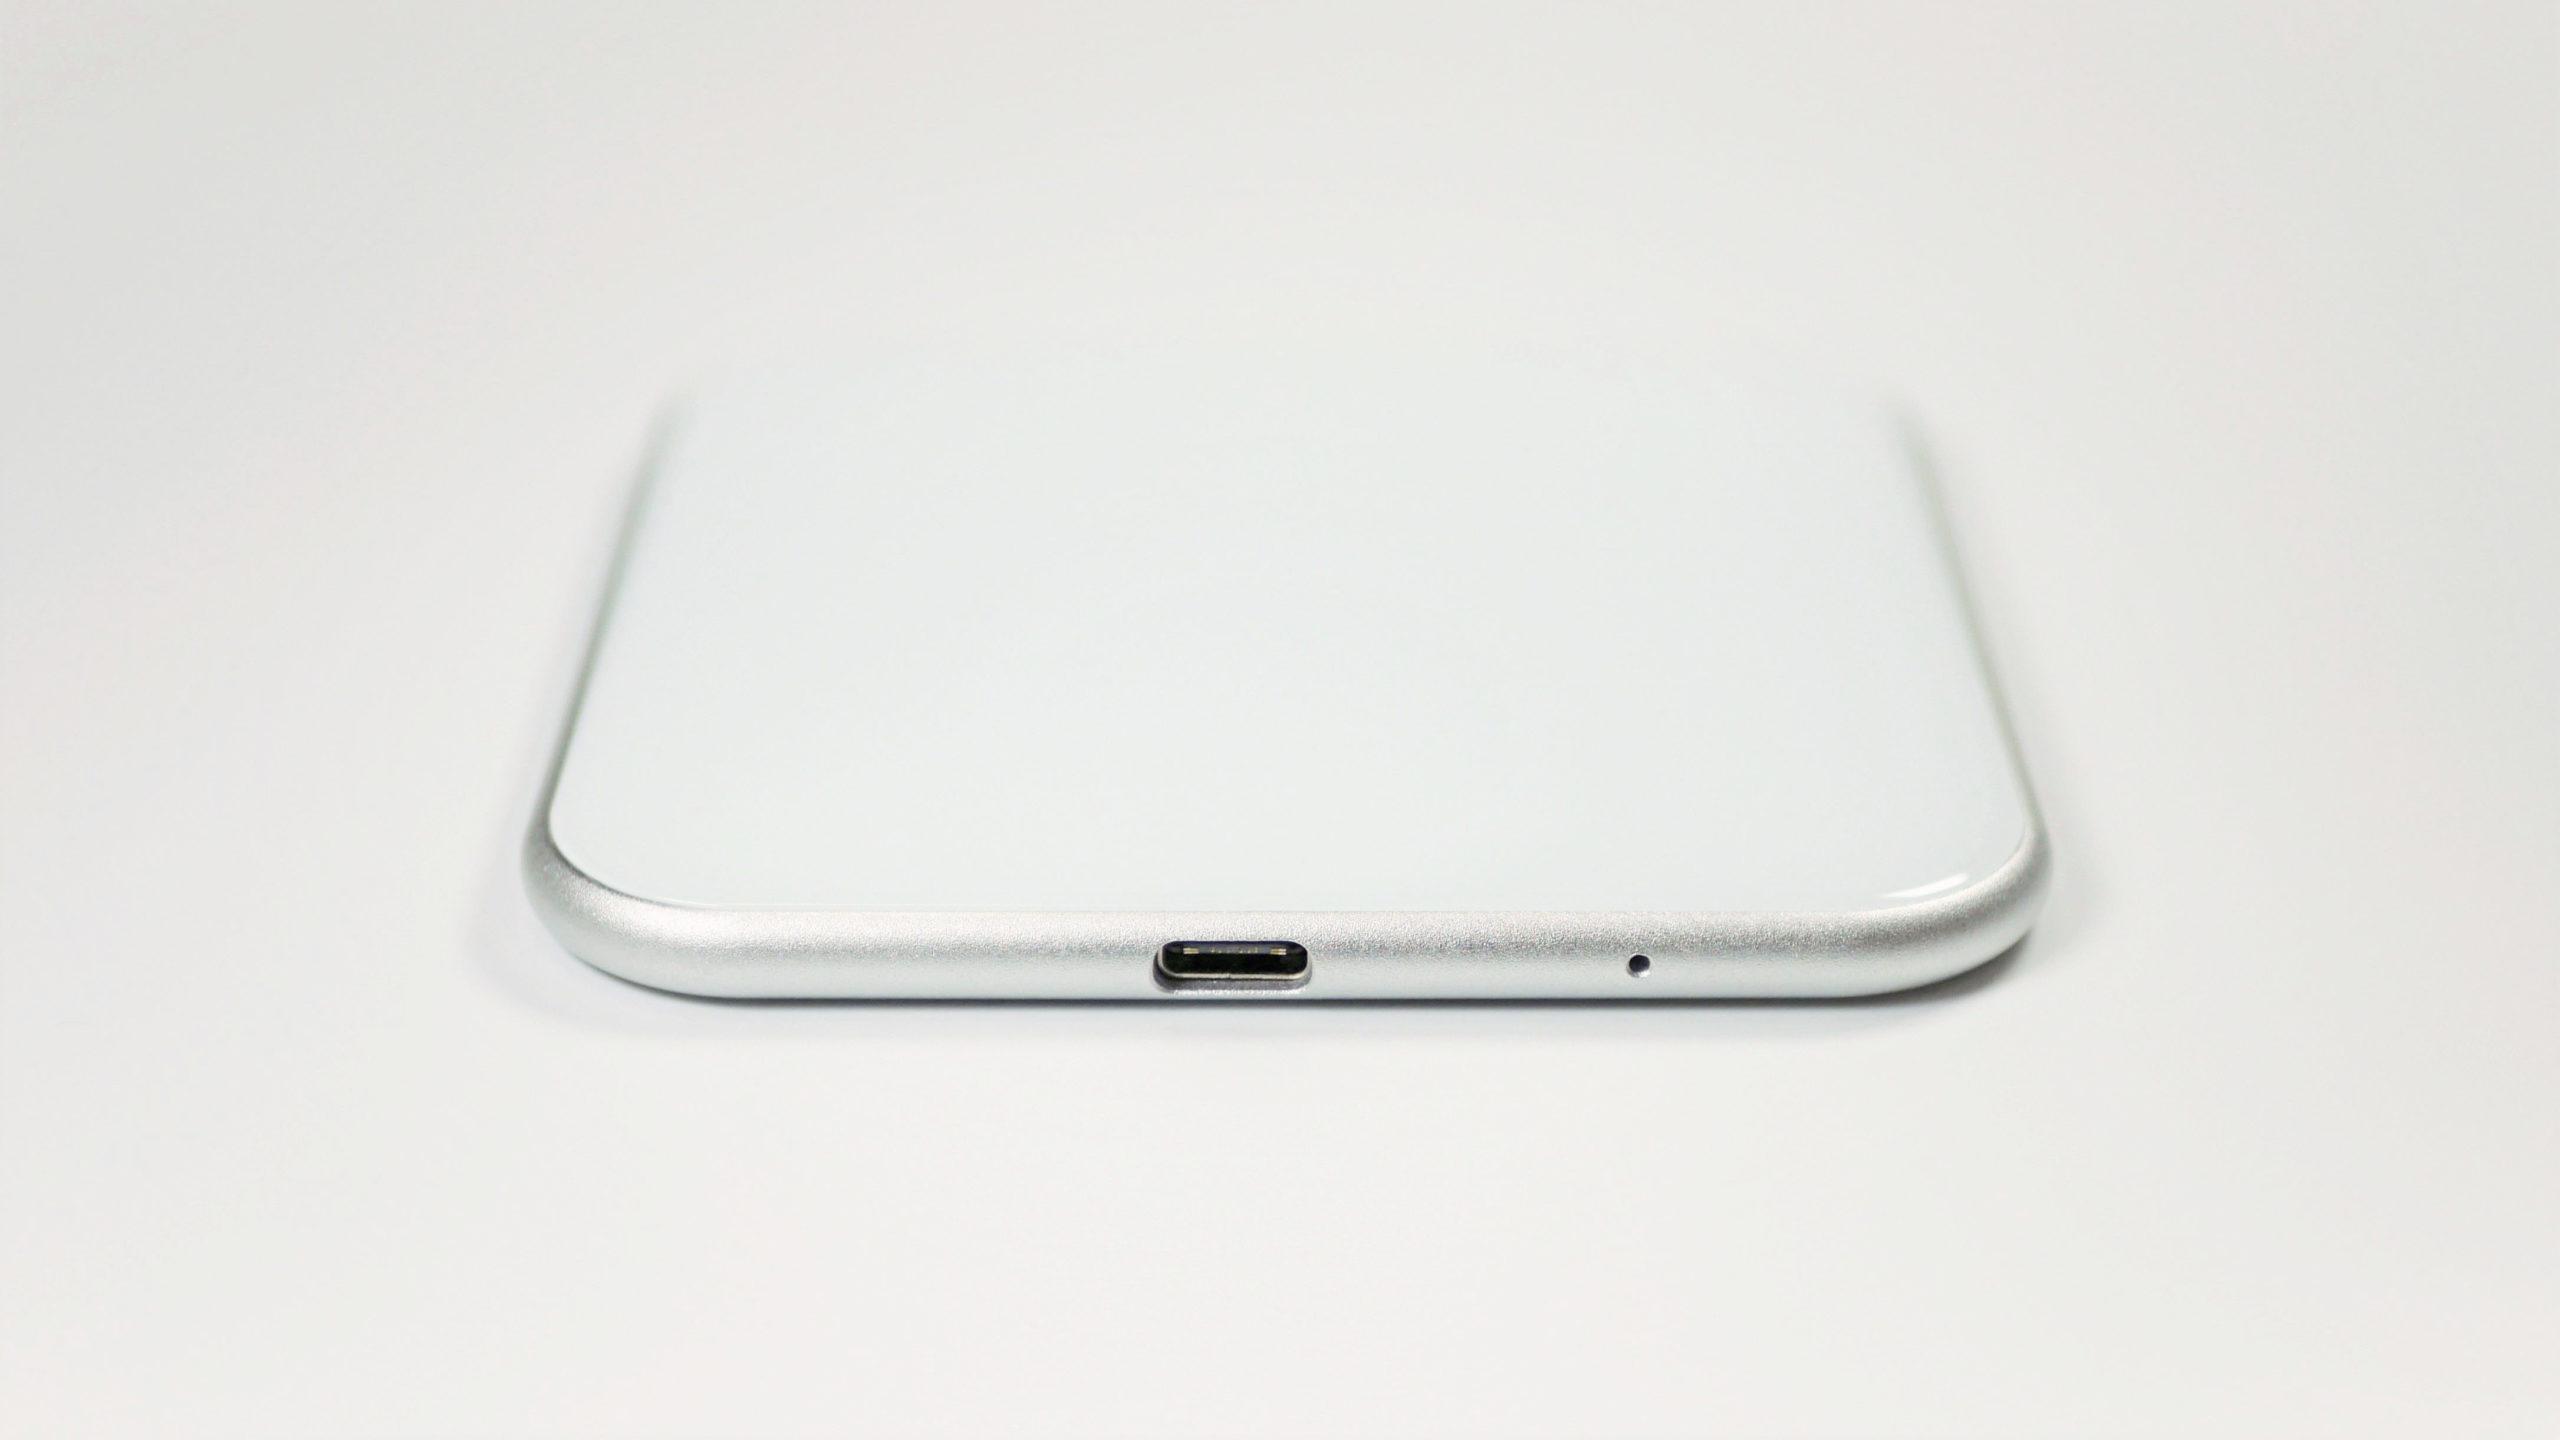 iphone ワイヤレス充電器 薄い